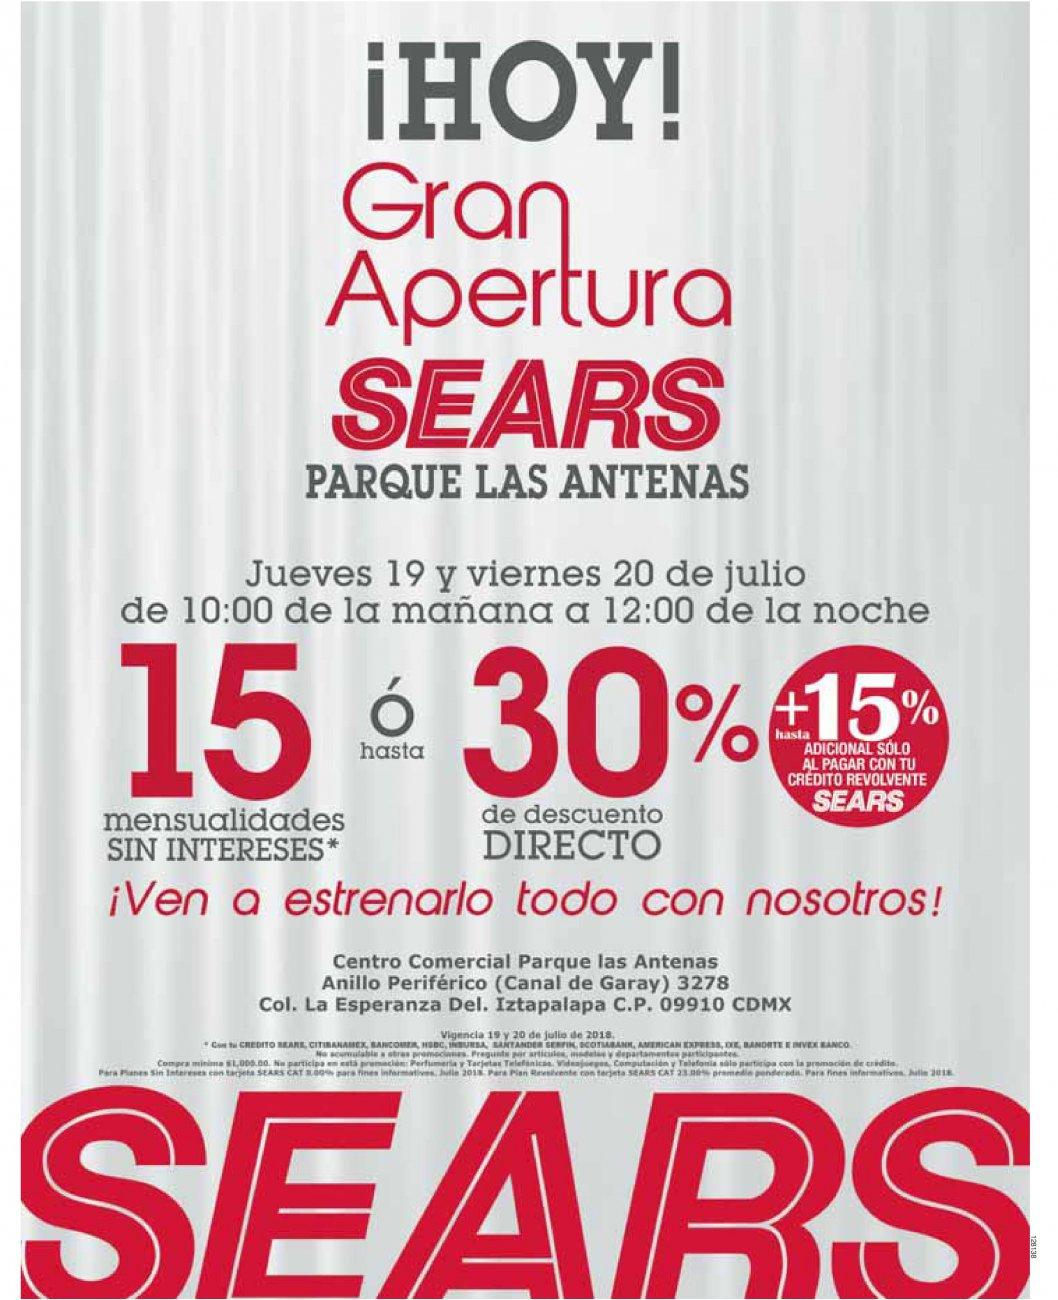 Sears Parque Las Antenas CDMX: Hoy Gran Apertura: 15 MSI ó hasta 30% de desc. directo + hasta 15% adicional con crédito revolvente Sears 19 y 20 Julio